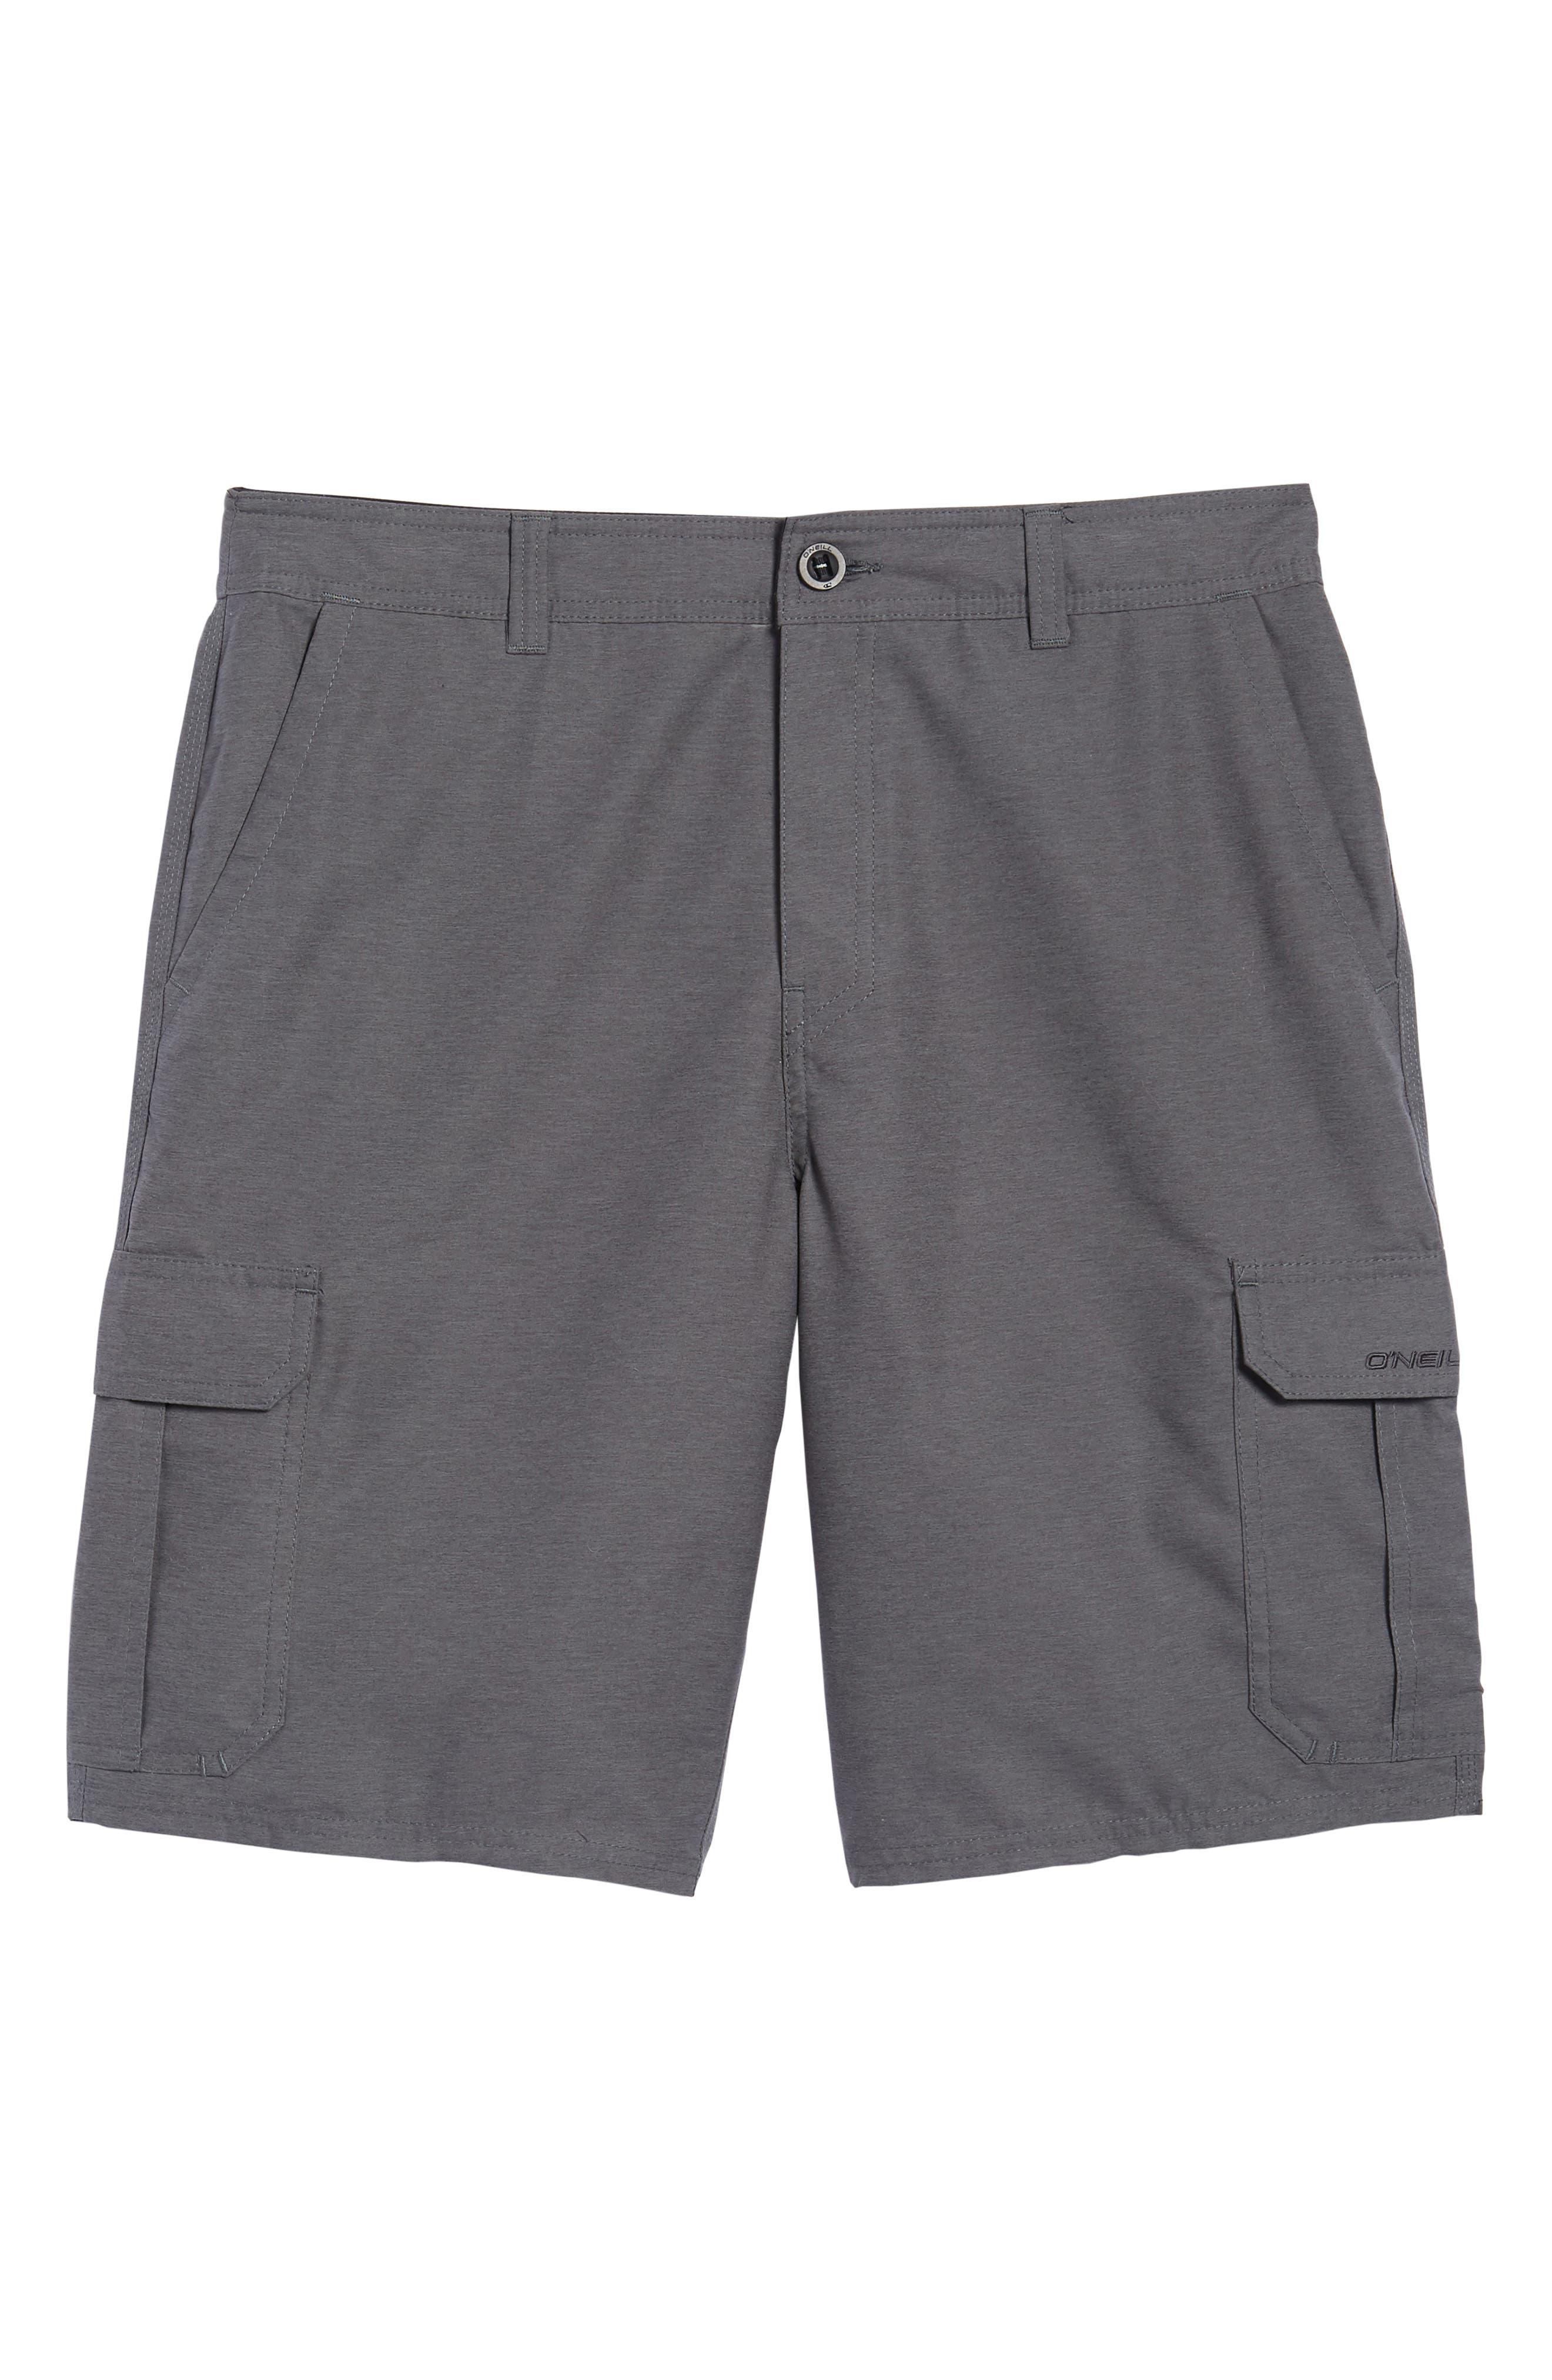 Ranger Cargo Hybrid Shorts,                             Alternate thumbnail 6, color,                             068